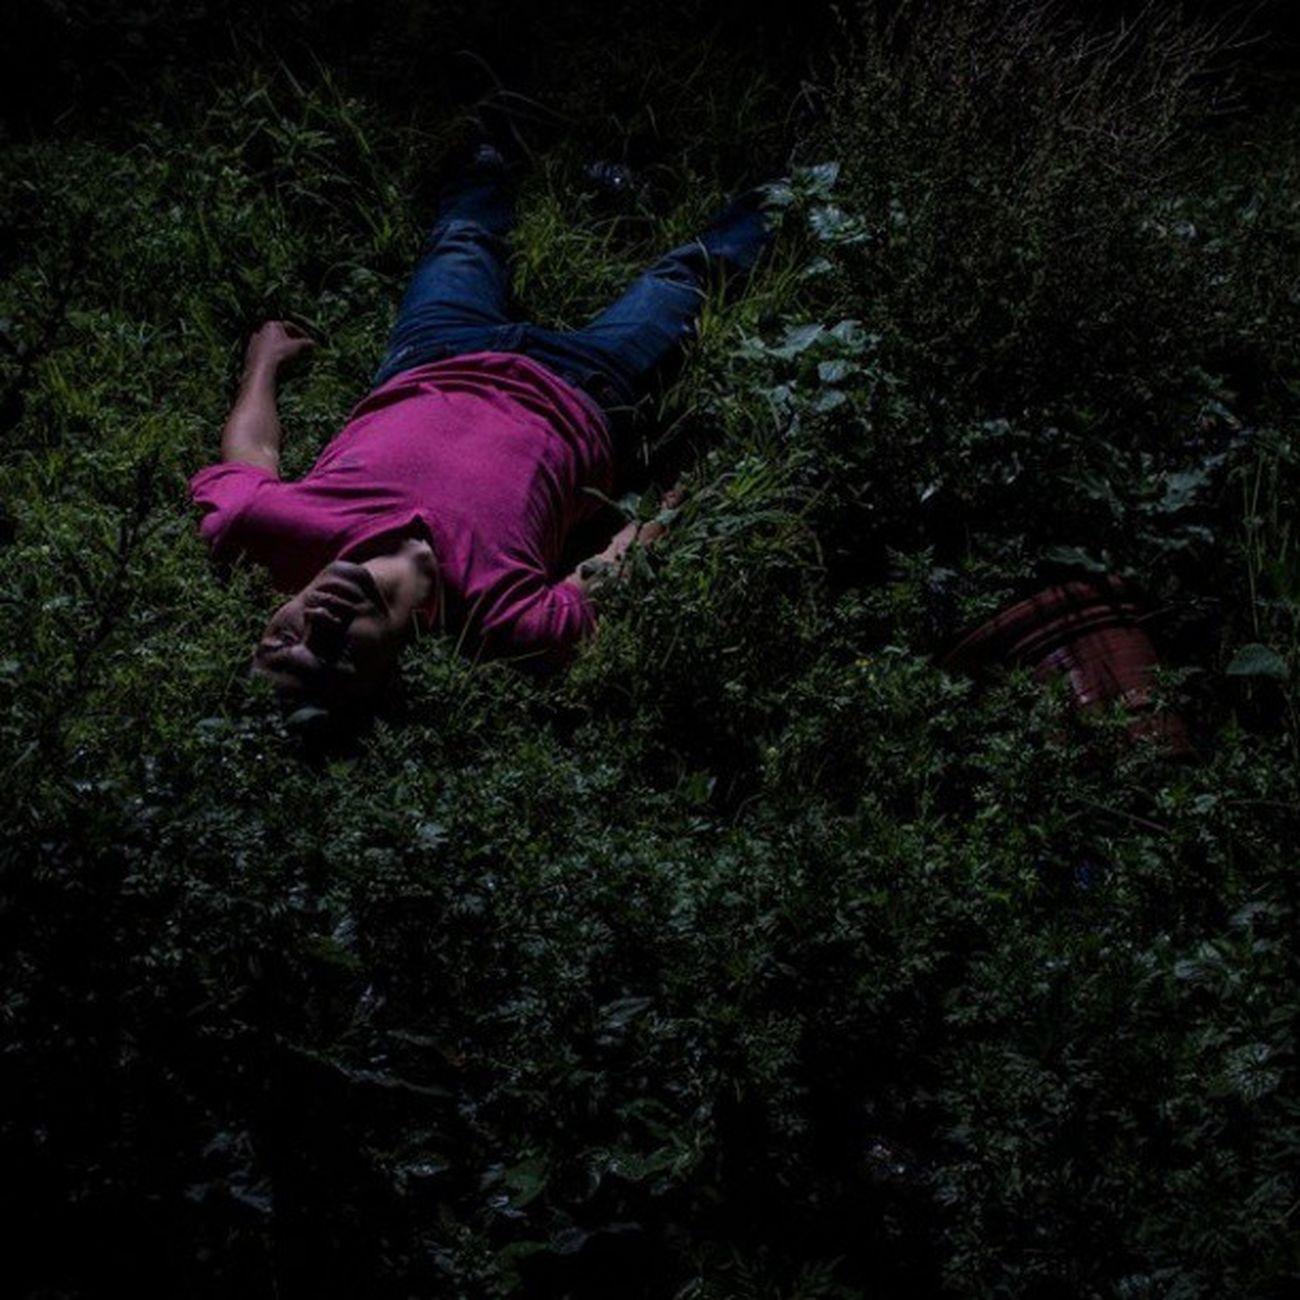 84/365 Ahfotografia 365project ByAlexHernández Photography MyArt